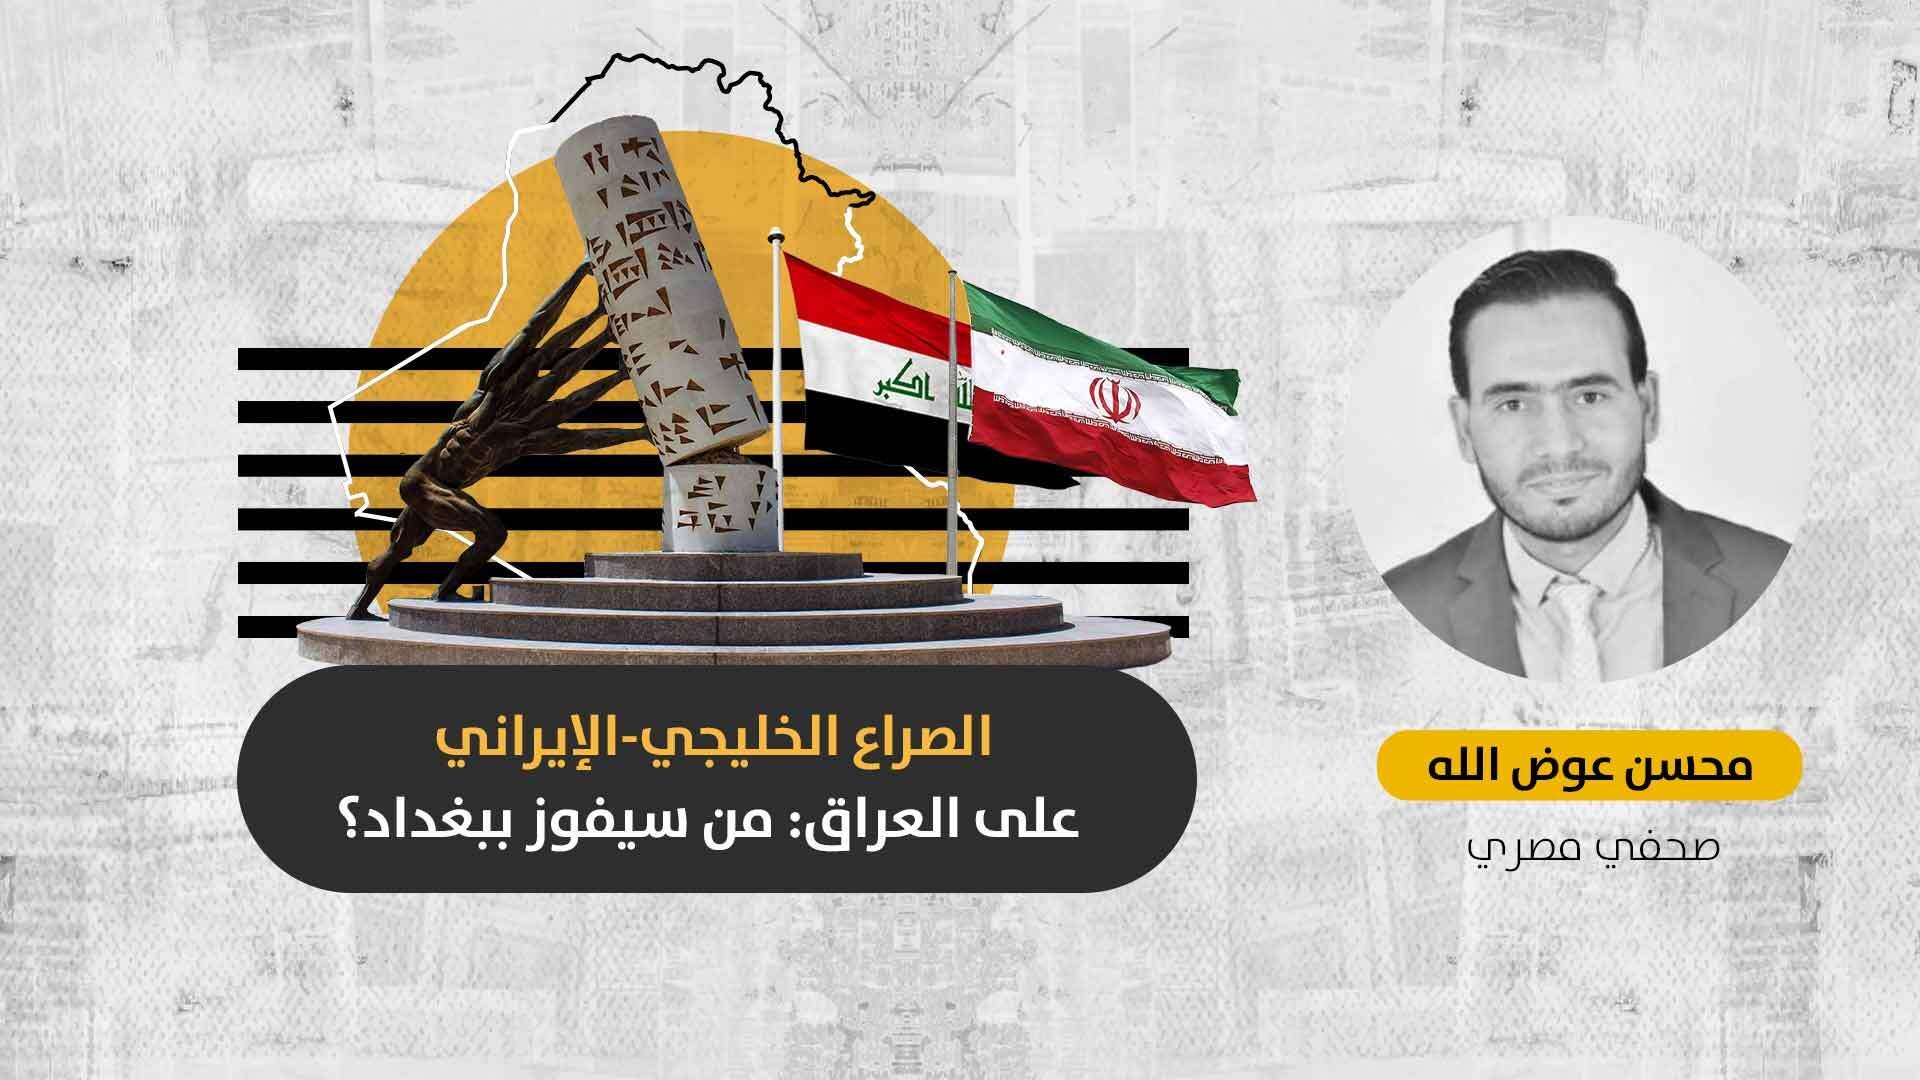 الصراع الخليجي الإيراني على العراق: هل سيتمكن العرب من خلال الاقتصاد دفع الحكومة العراقية للابتعاد عن طهران؟